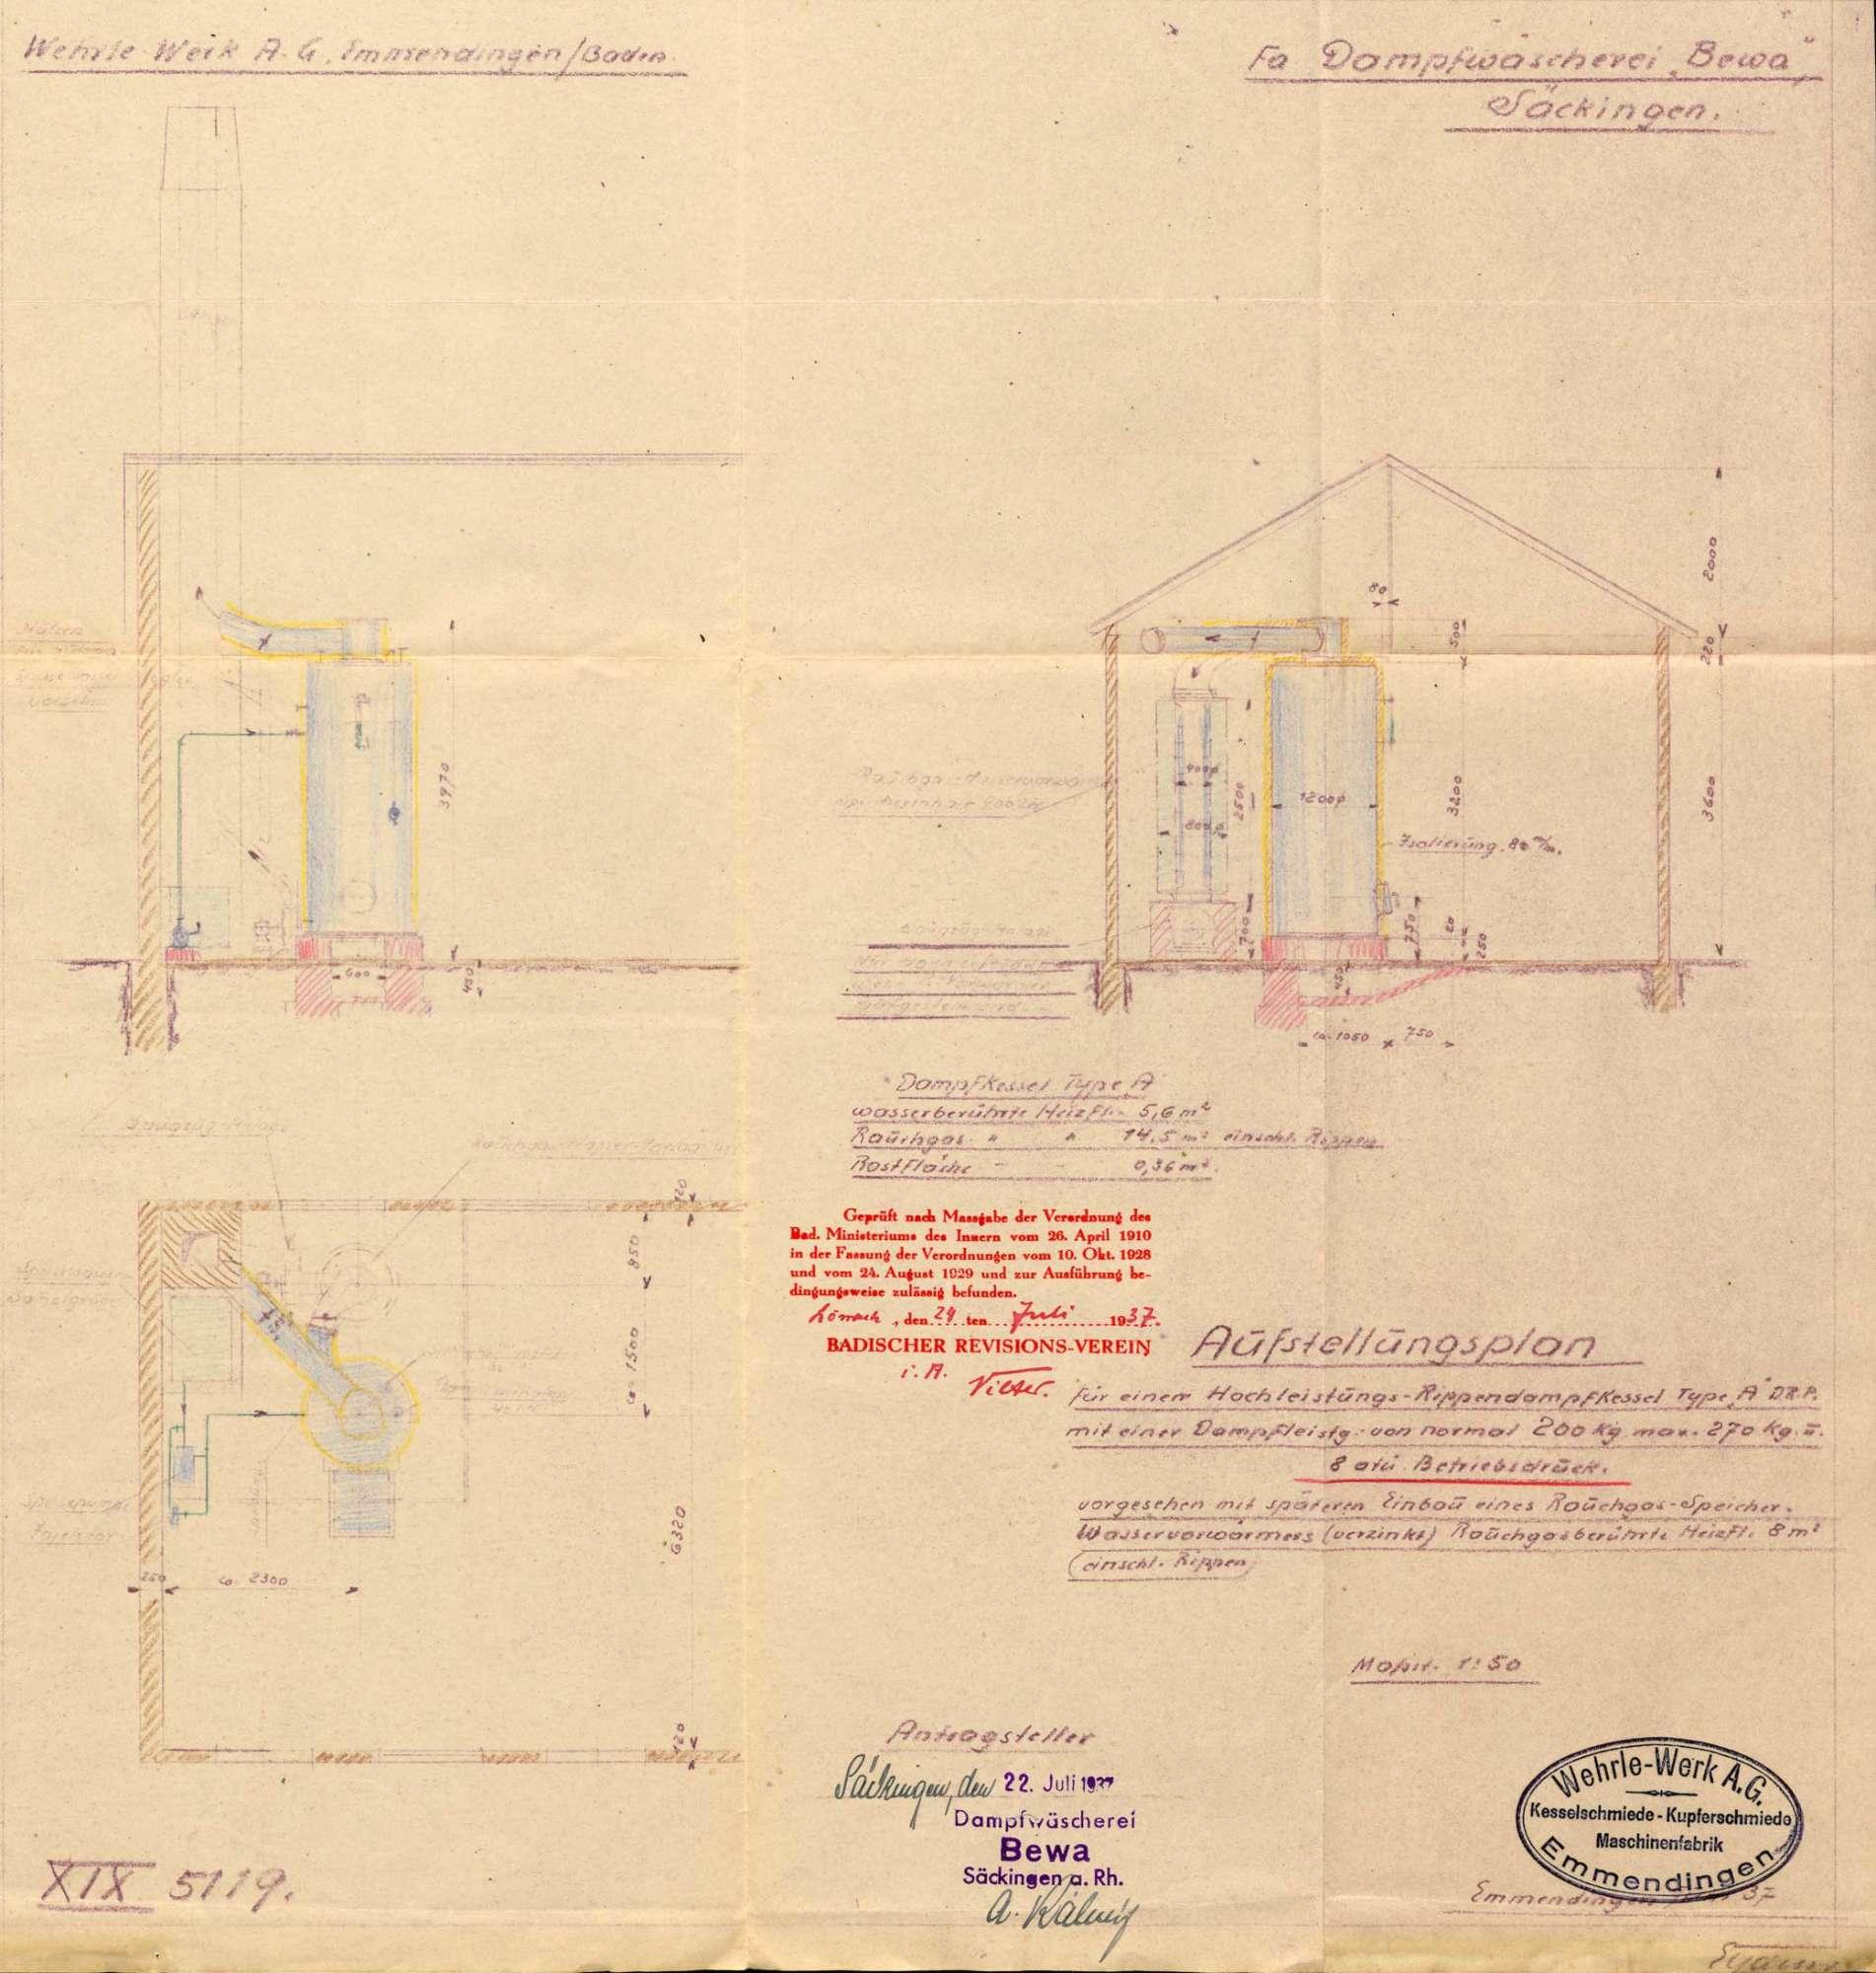 Ziemlich Dampfkessel Diagramm Galerie - Der Schaltplan - triangre.info